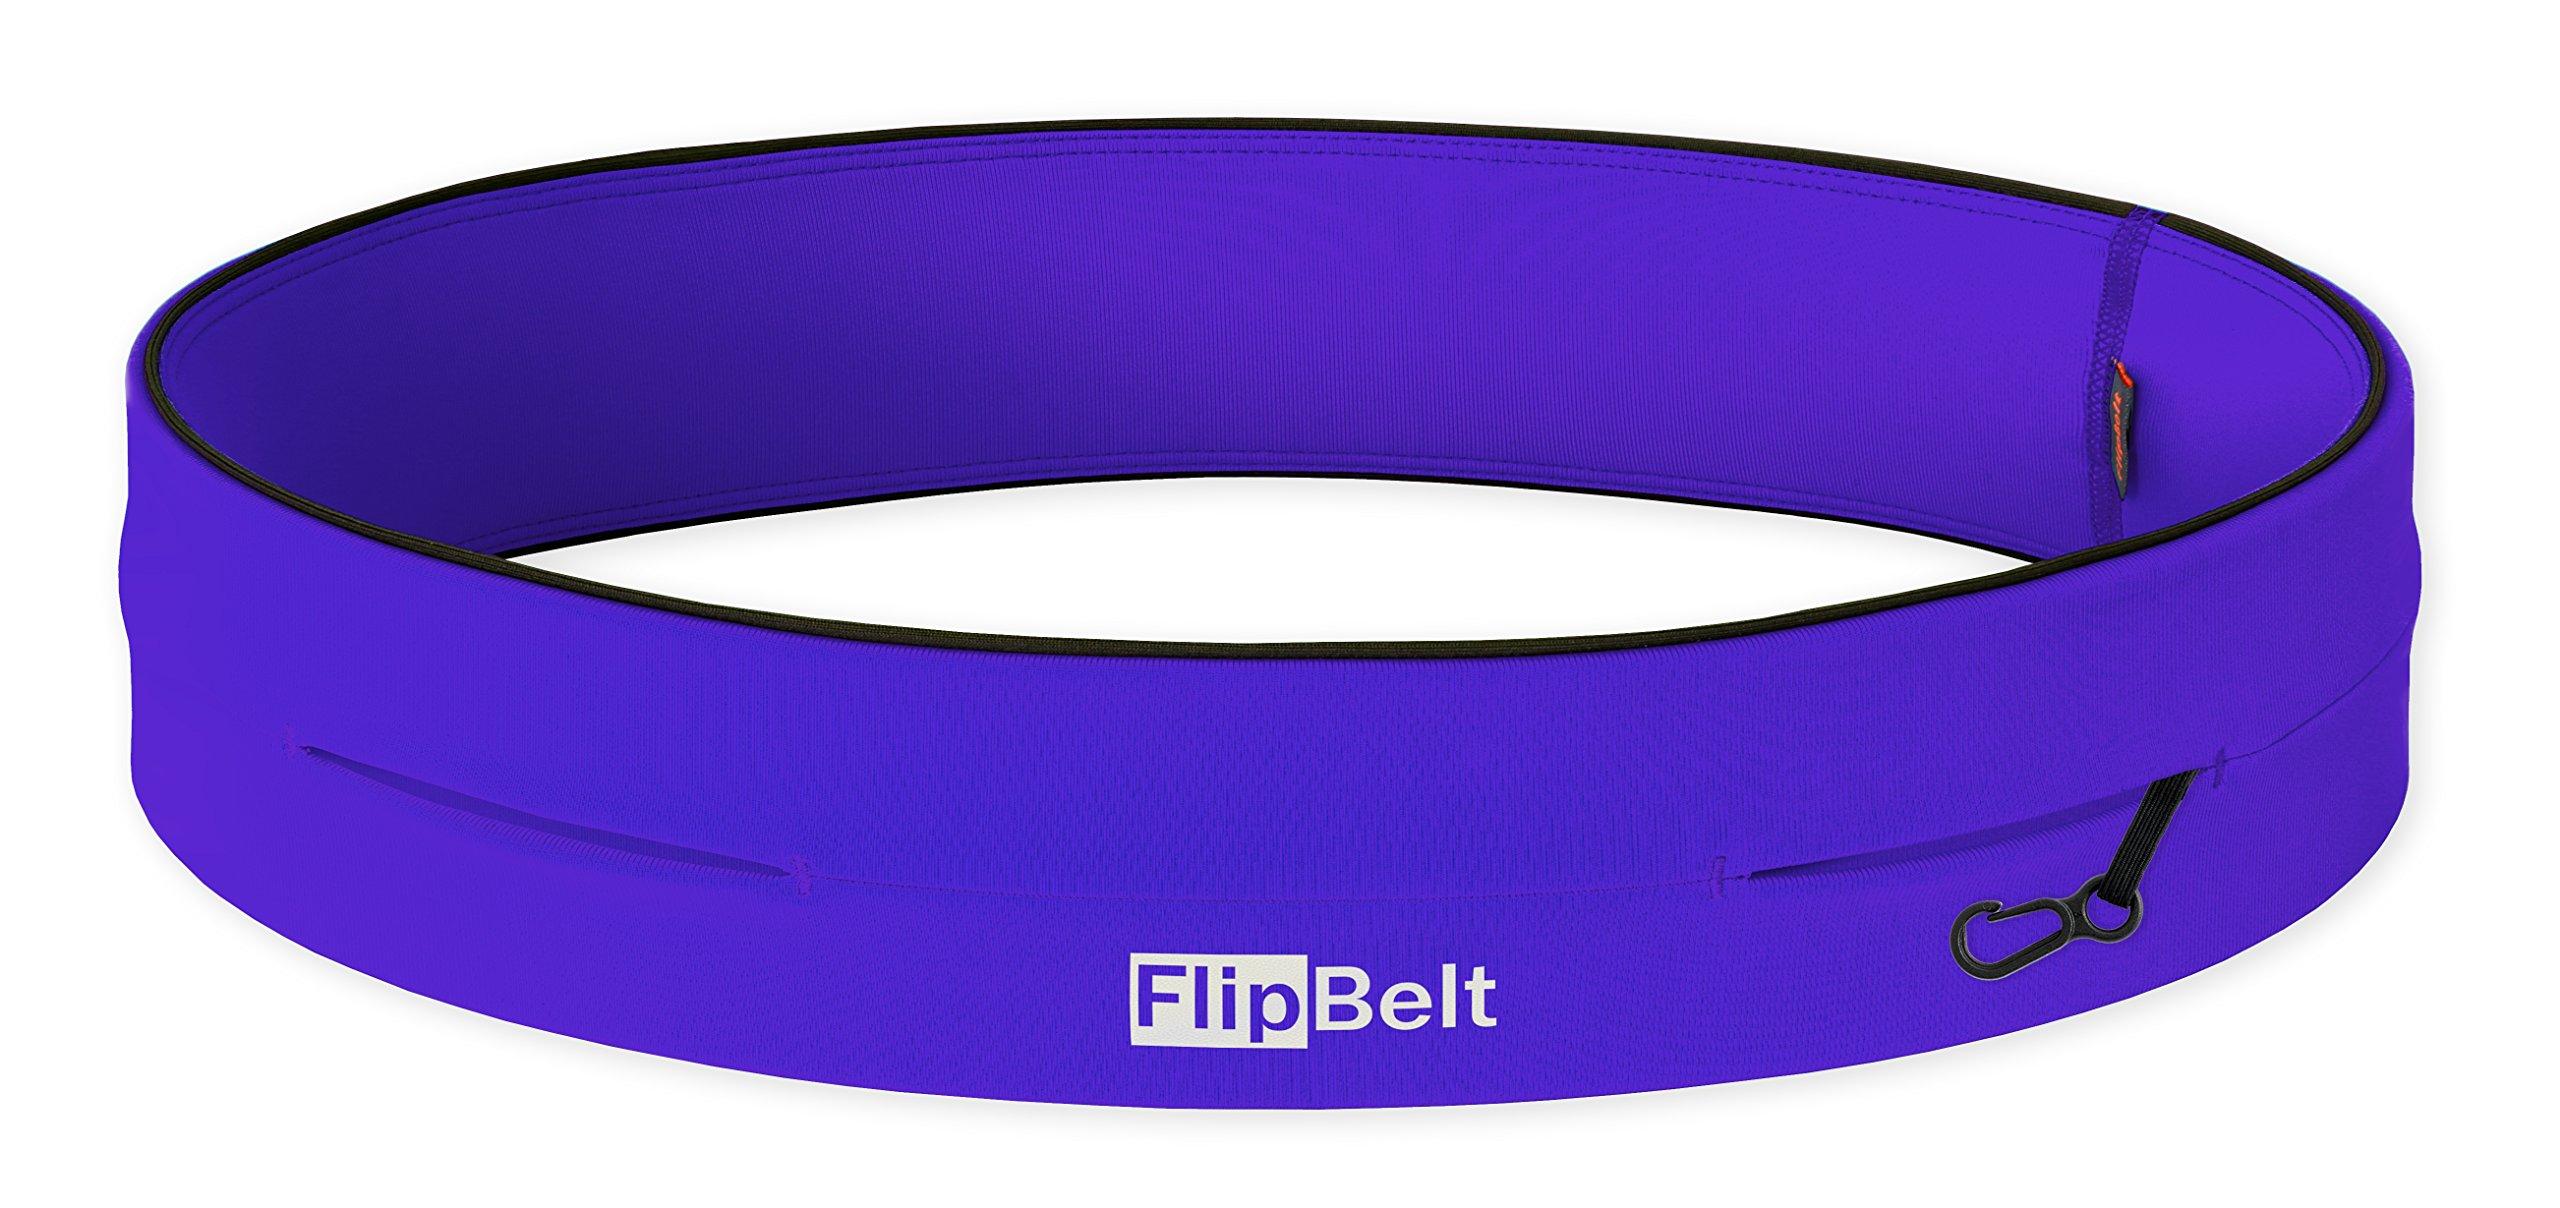 FlipBelt Level Terrain Waist Pouch, Violet, Medium/29-32 by FlipBelt